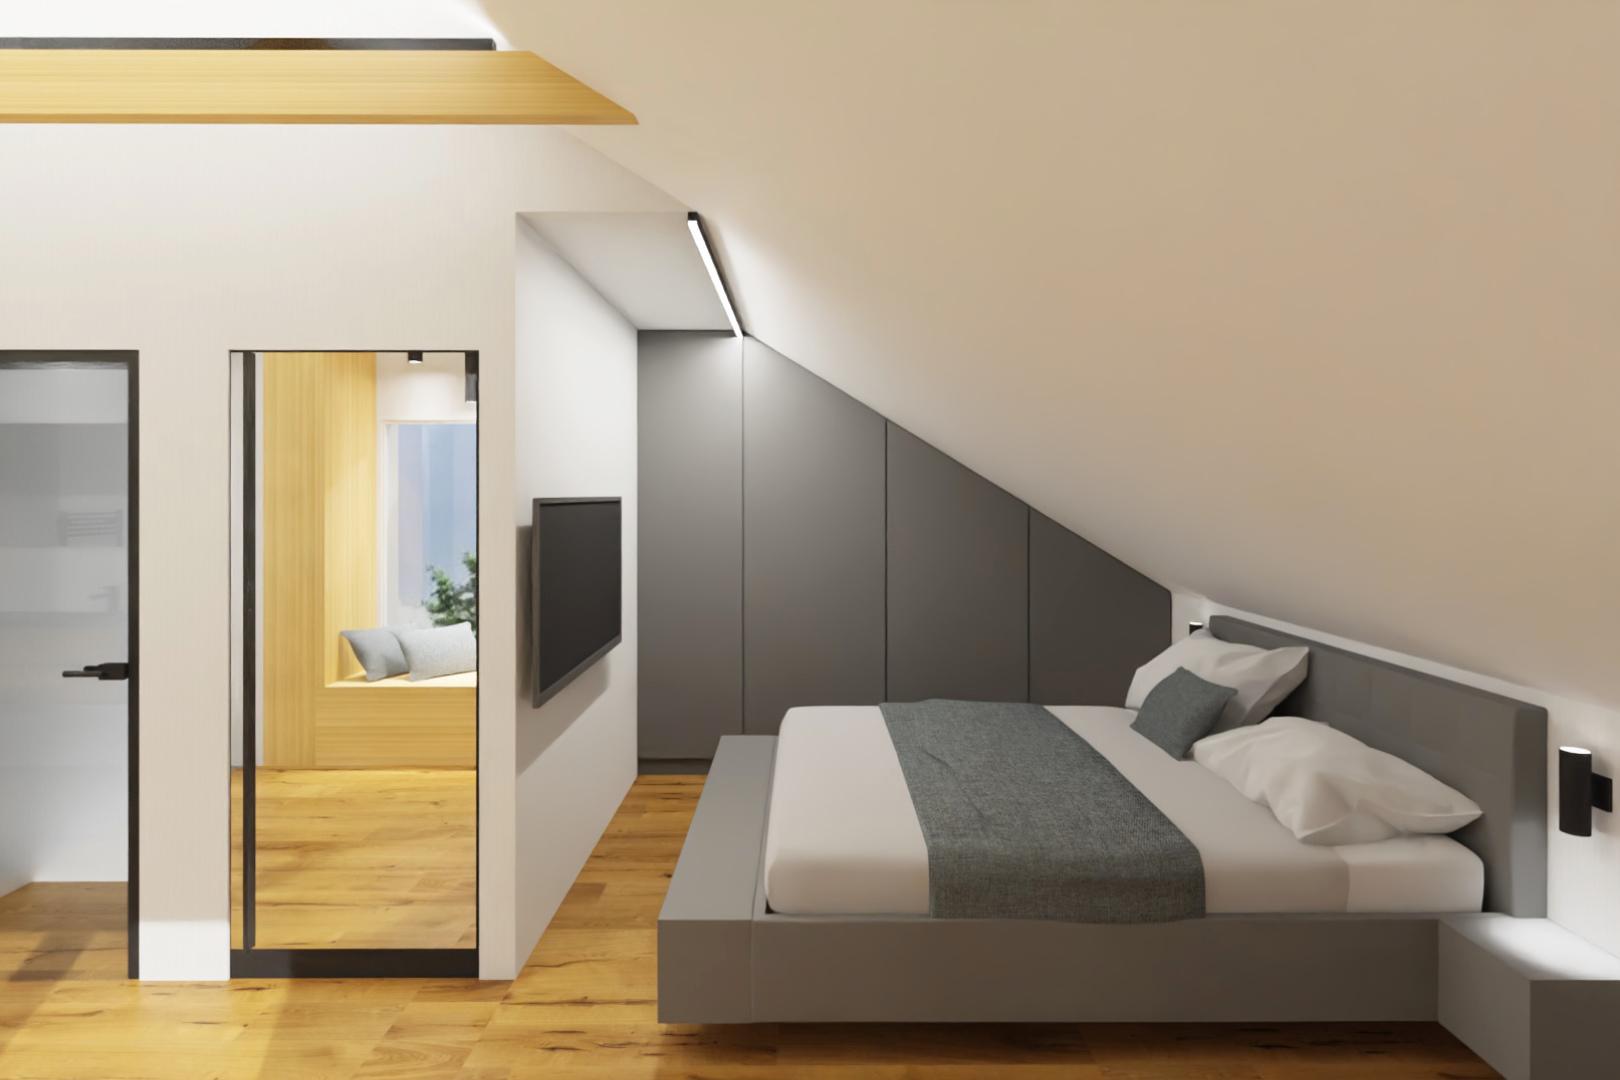 Dachgeschoss_Ausbau_Schlafzimmer_AS22-roomarts